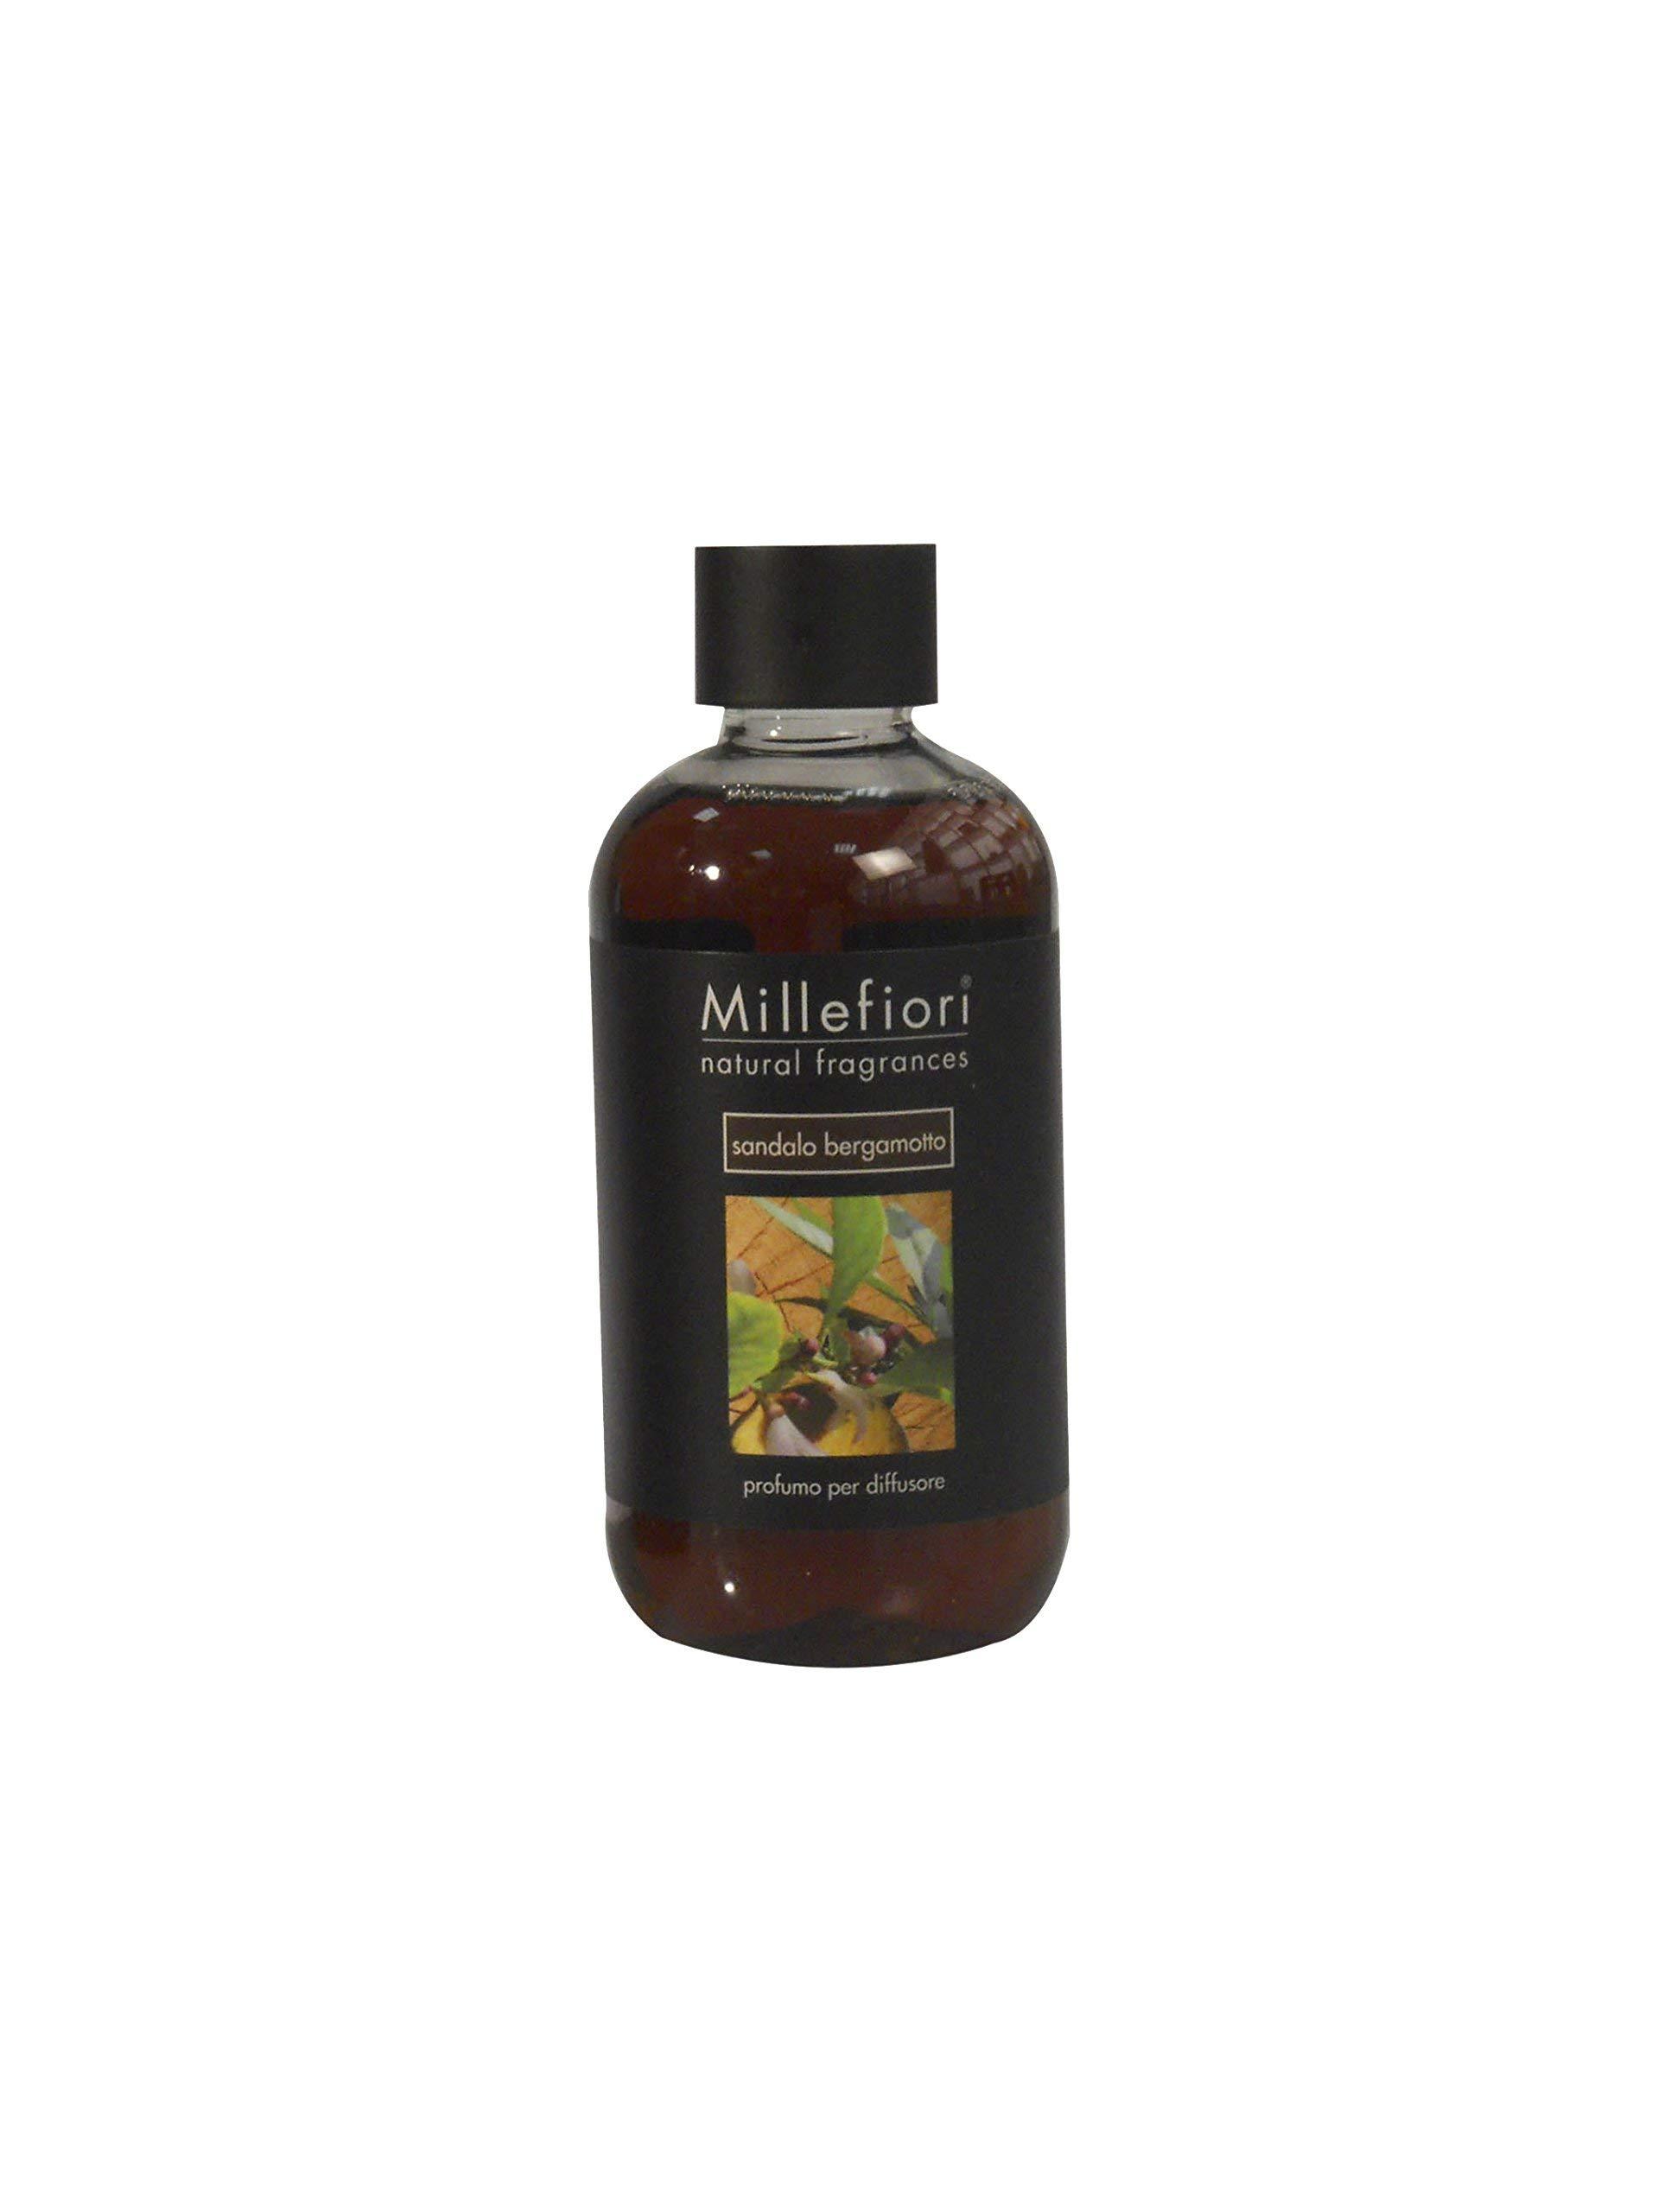 Millefiori Milano Fragrance Refill Stick, 250ml, Sandalo Bergamotto